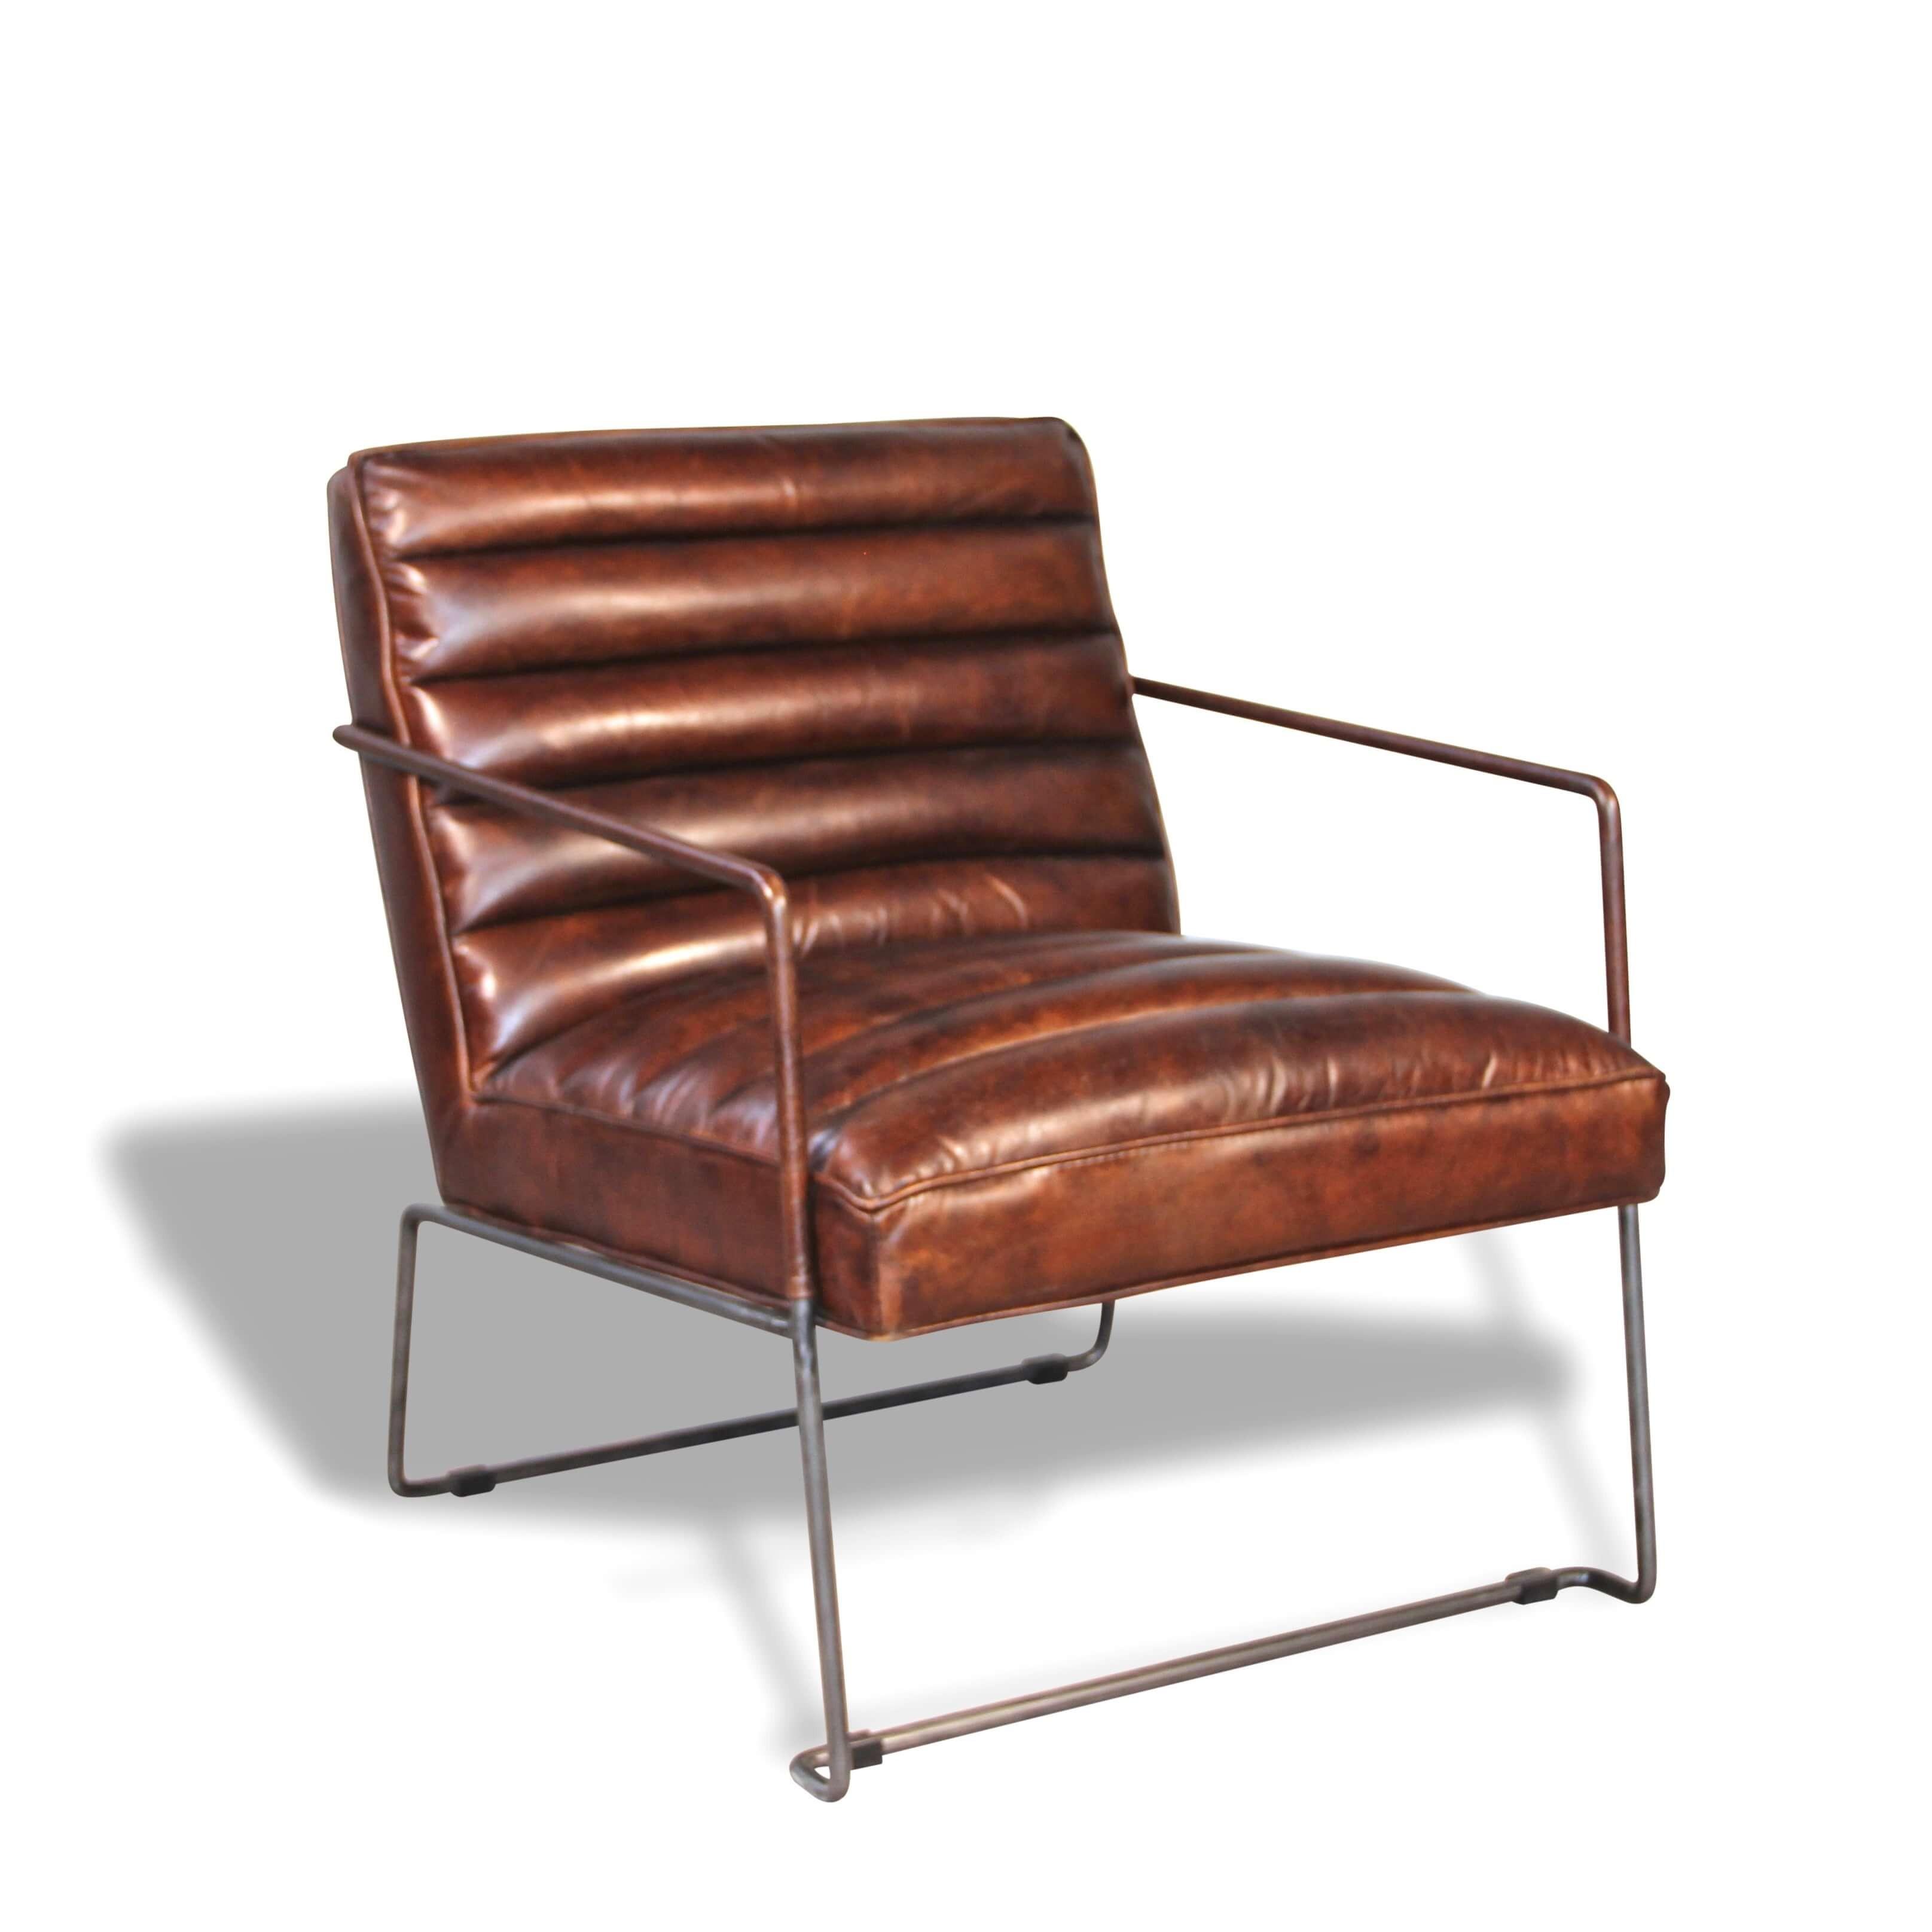 vintage braun leder sofa mit zwei patina leder und metal. Black Bedroom Furniture Sets. Home Design Ideas